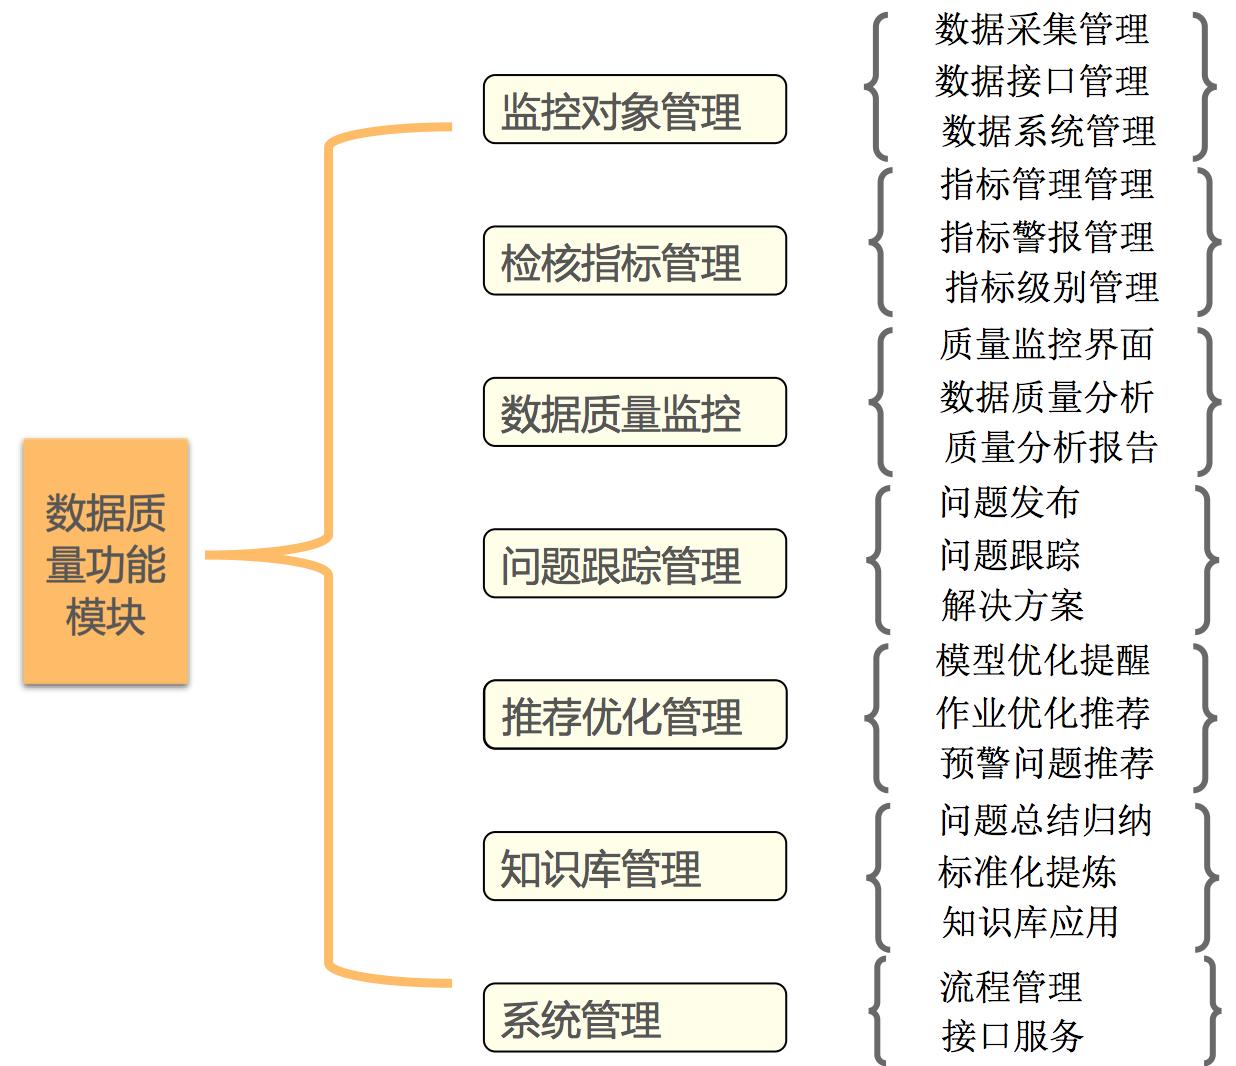 图4  数据质量监管功能图